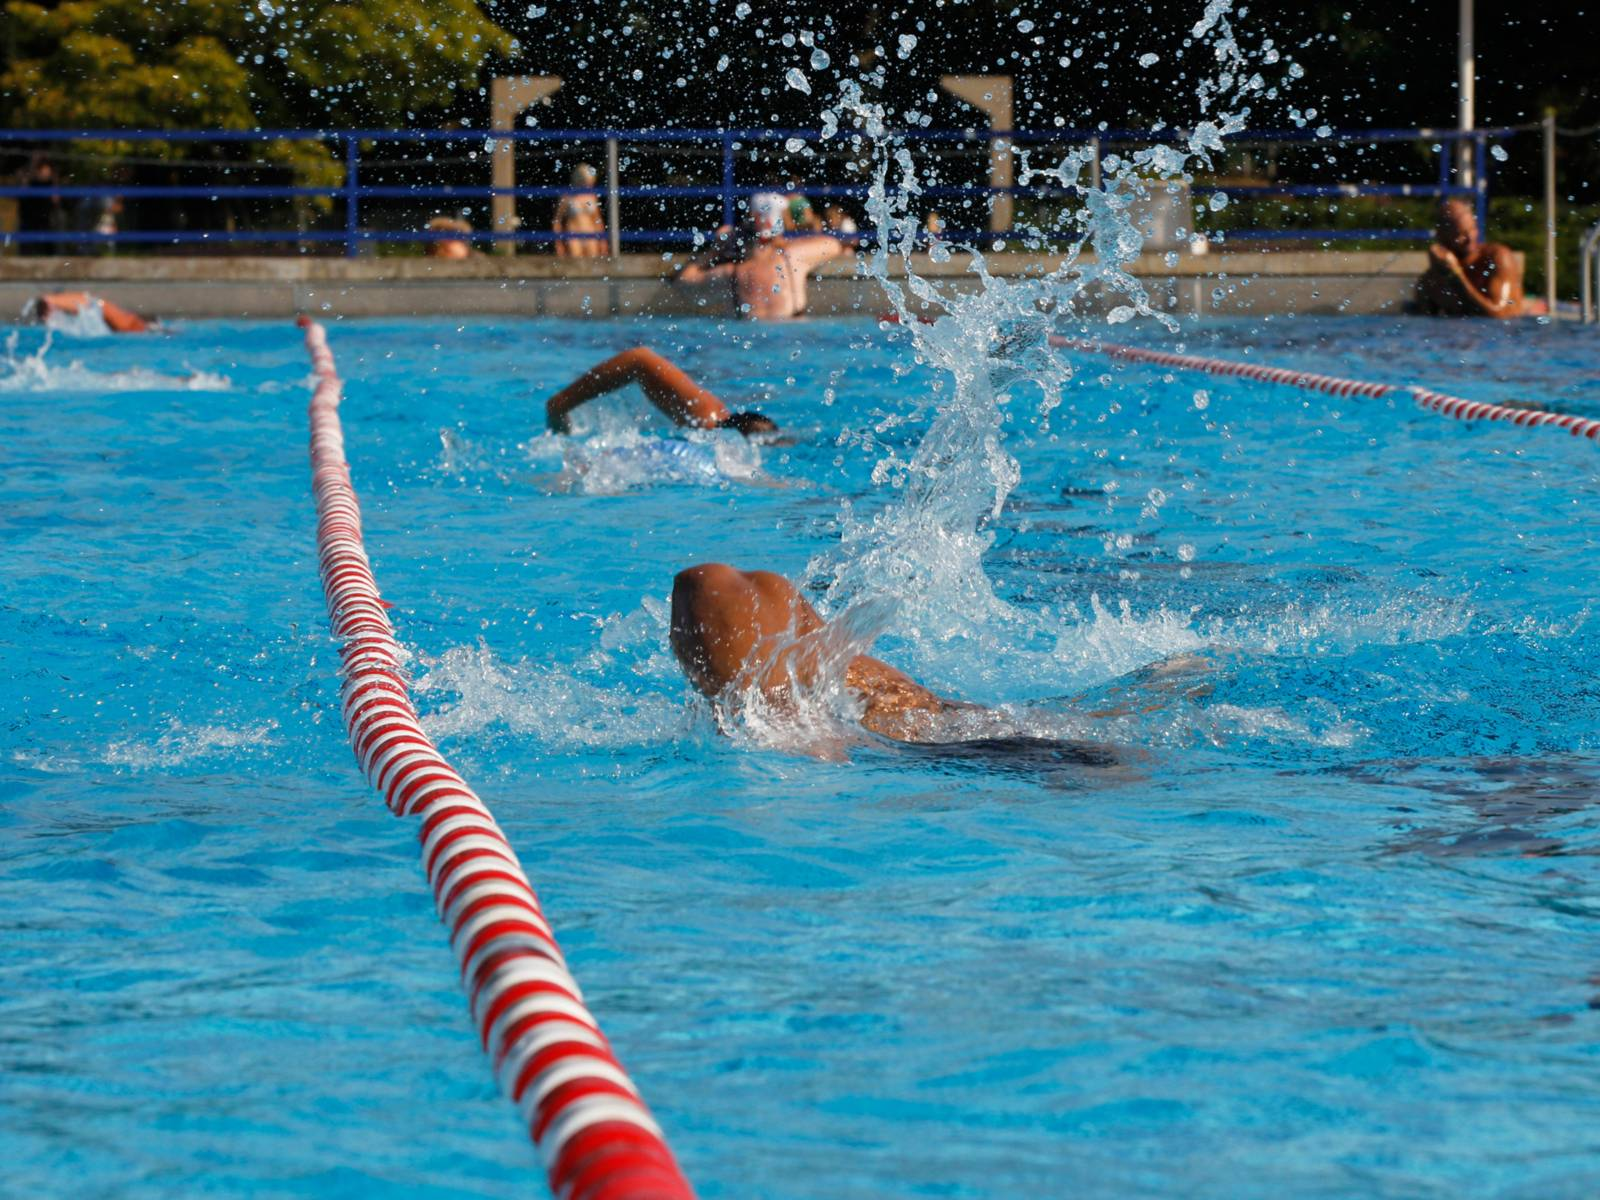 Schwimmende Menschen in einem Freibad.